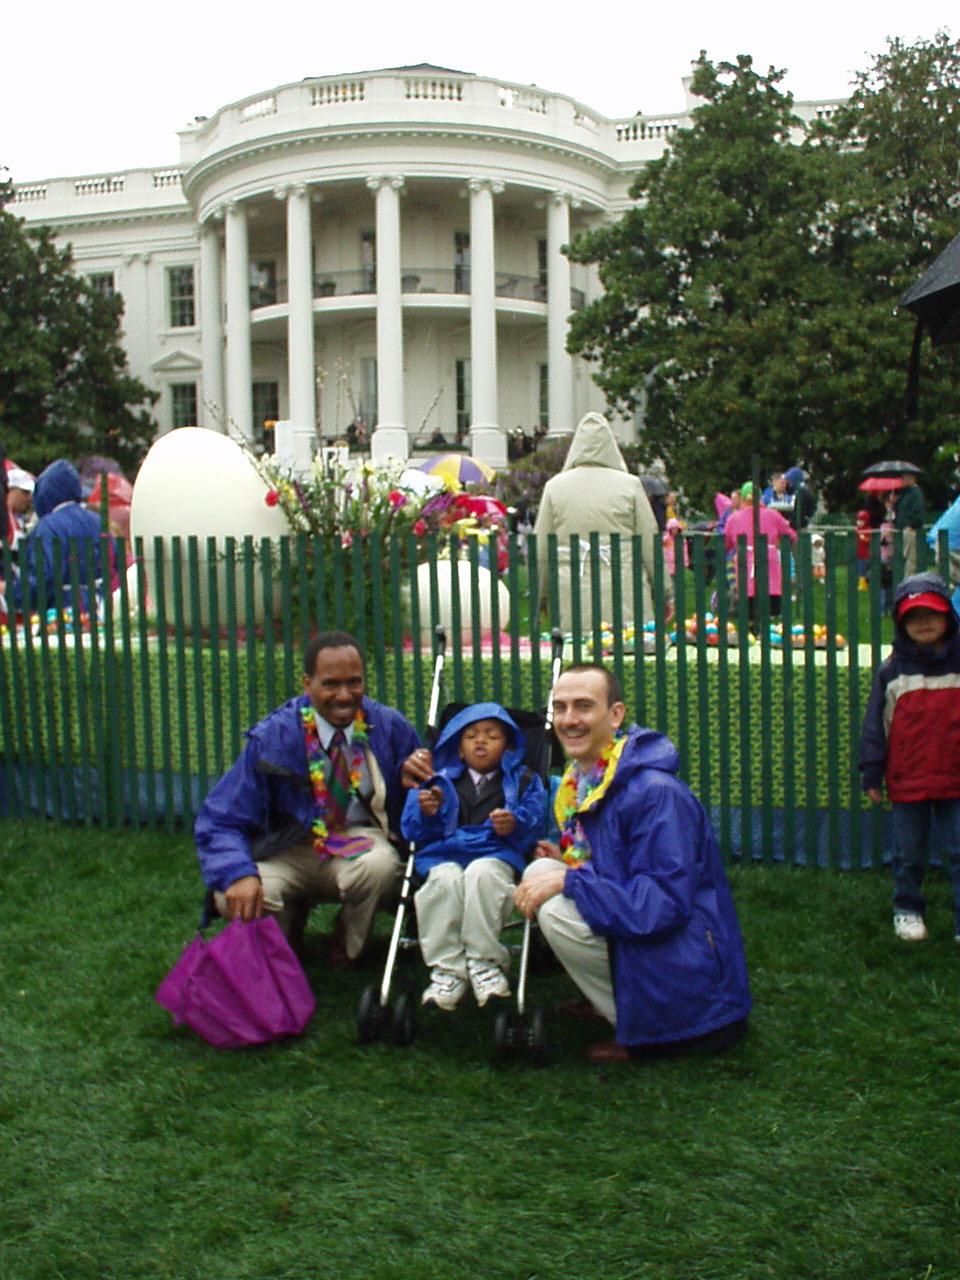 White House Egg Roll